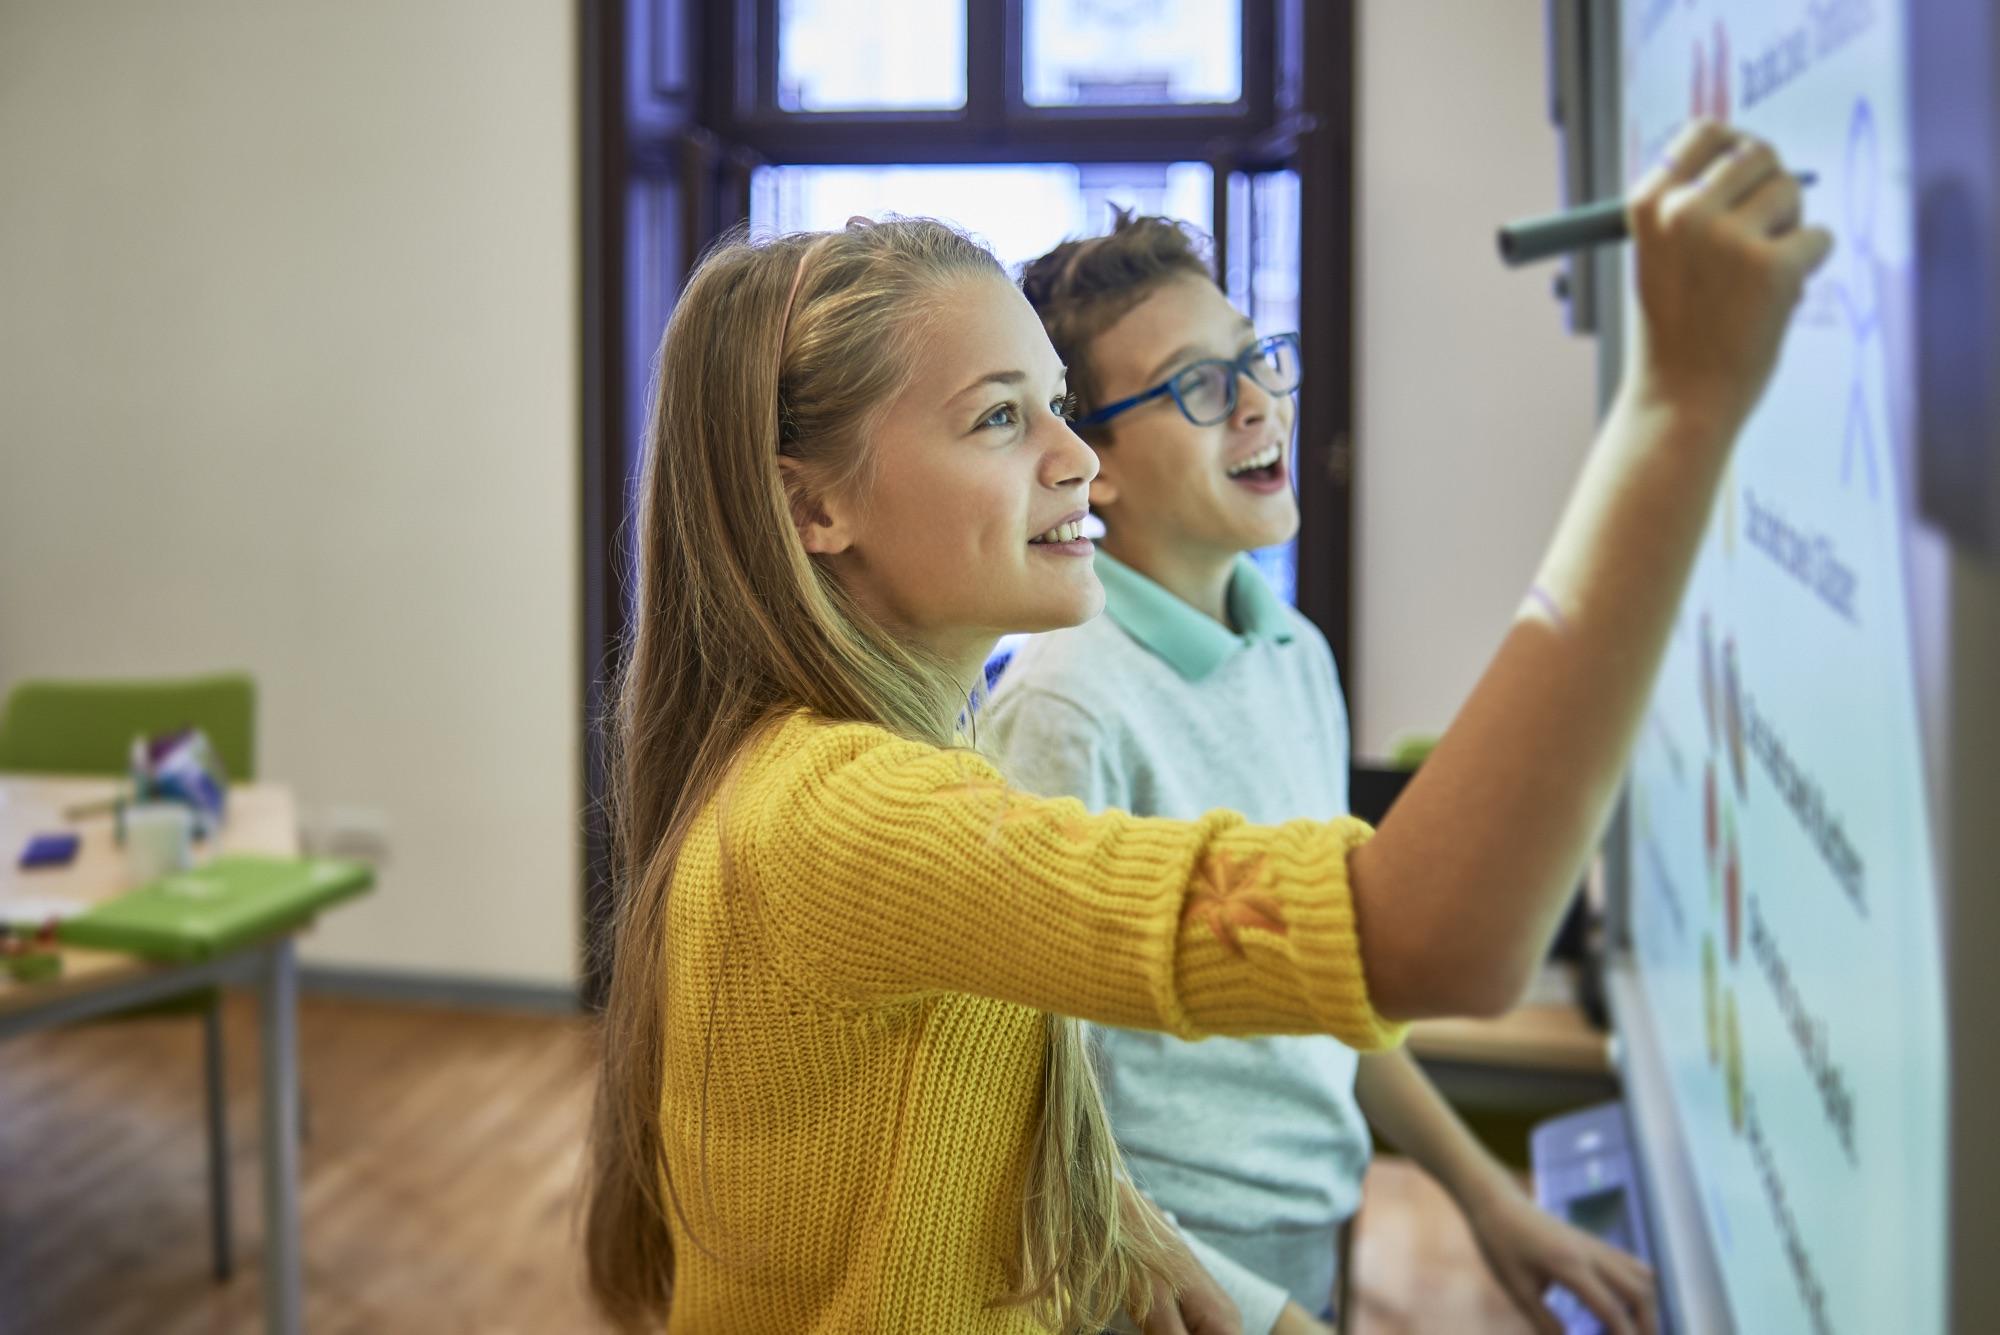 Mädchen mit gelbem Pullover schreibt an die Tafel, neben ihr steht ein Junge mit einer Brille.